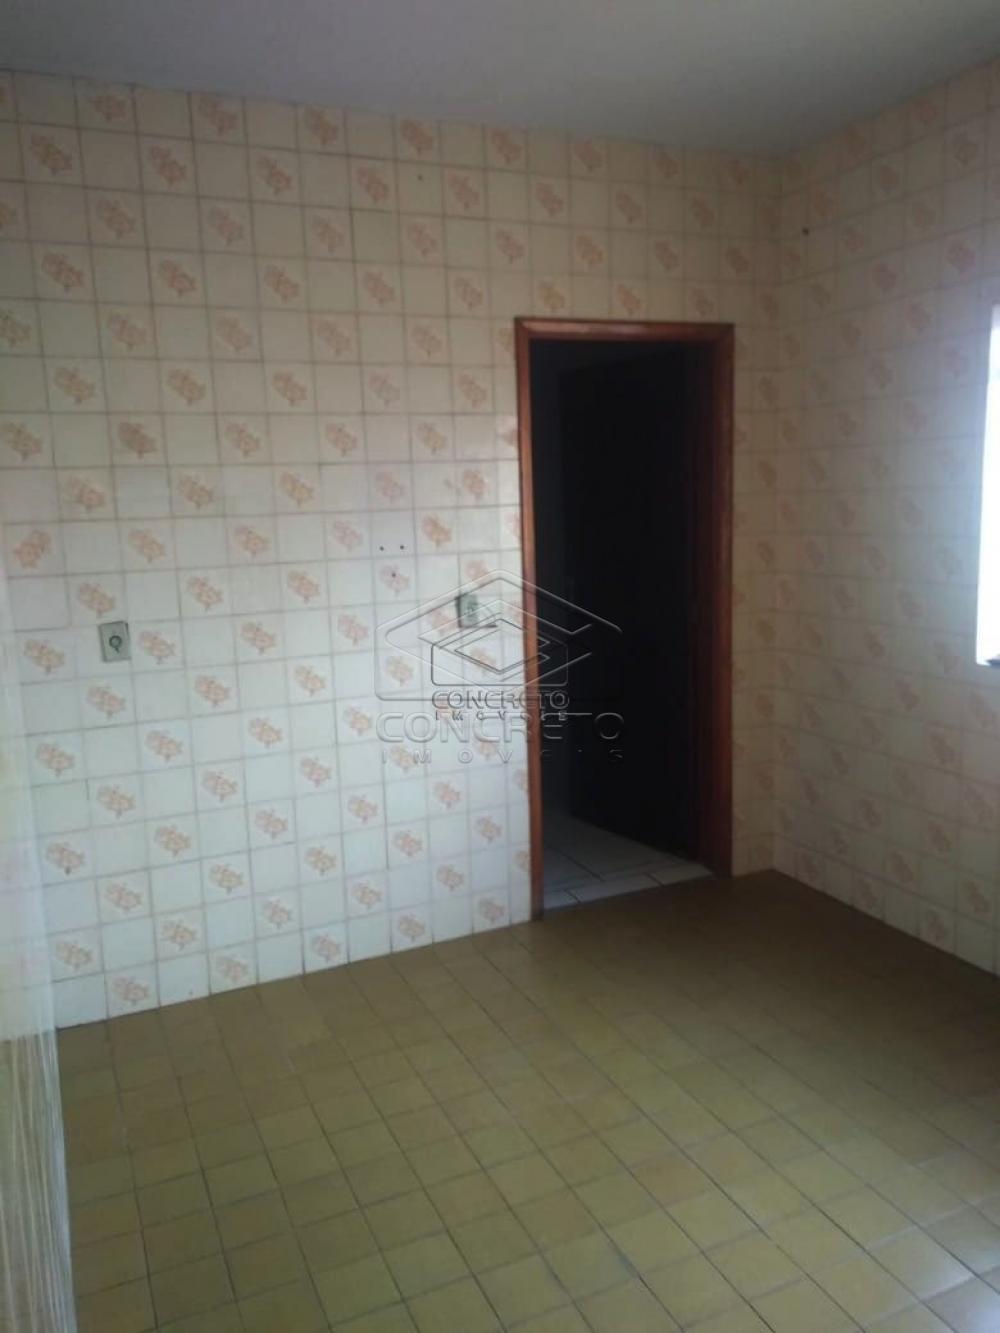 Comprar Casa / Padrão em Sao Manuel apenas R$ 350.000,00 - Foto 8